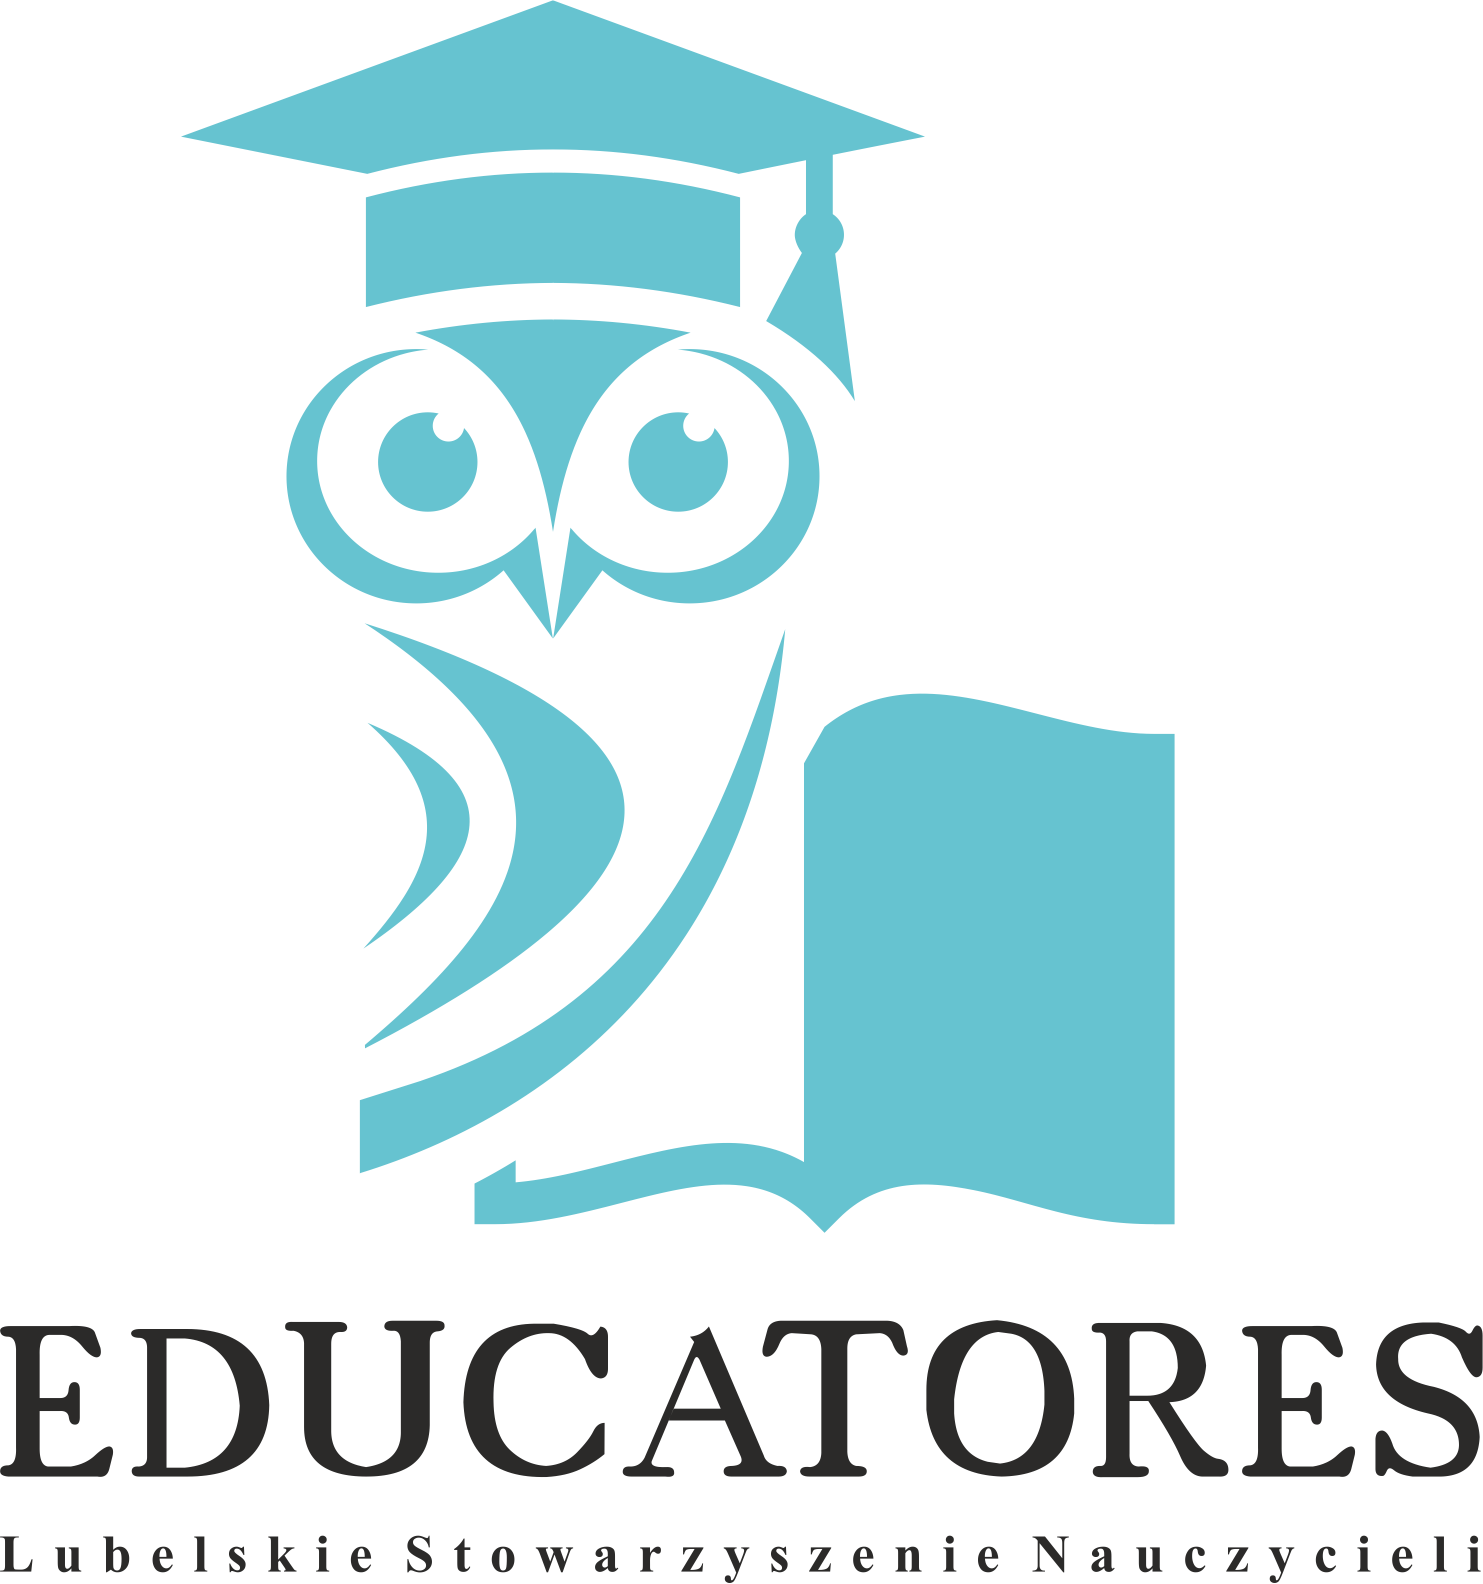 Lubelskie Stowarzyszenie Nauczycieli